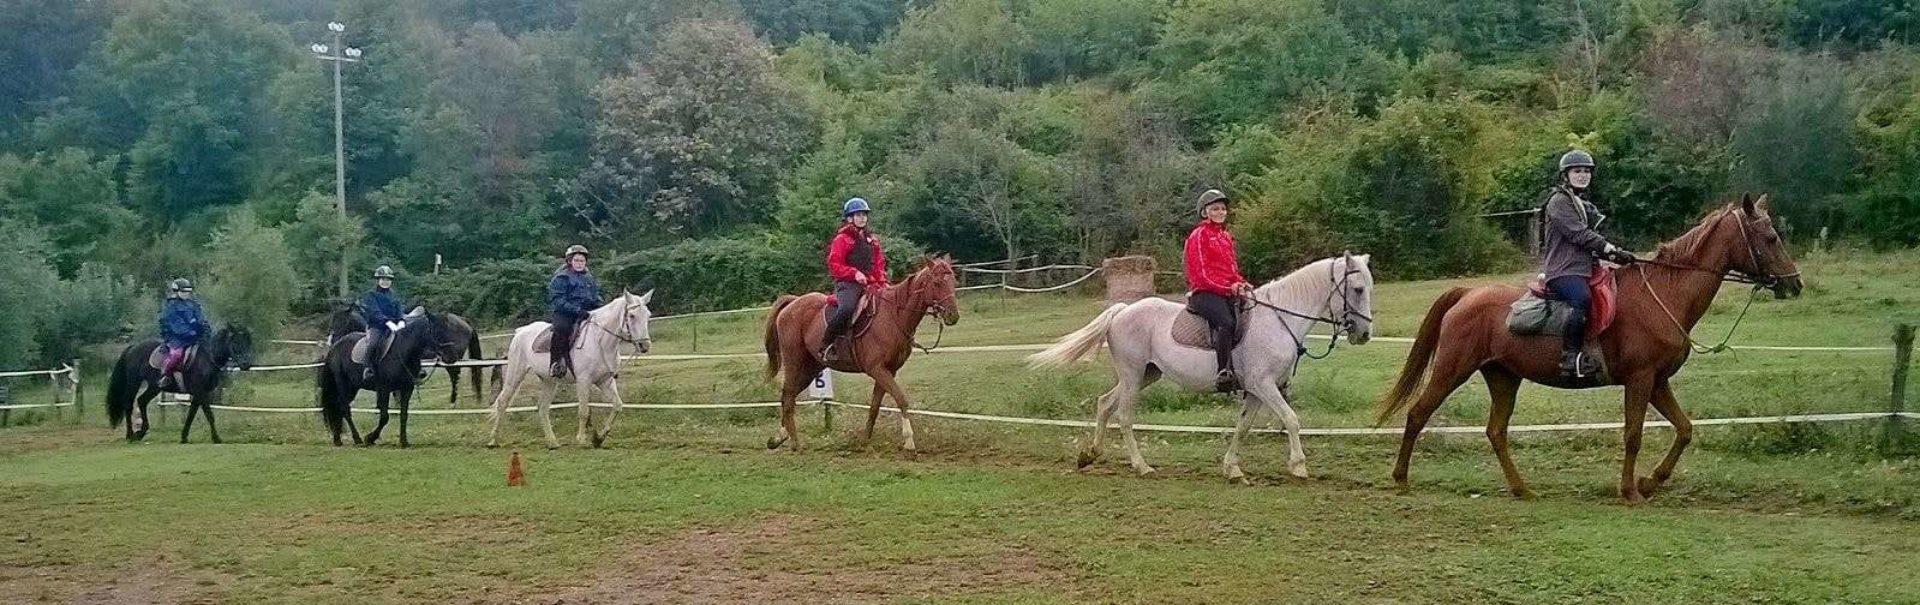 Passeggiate a cavallo Toscana